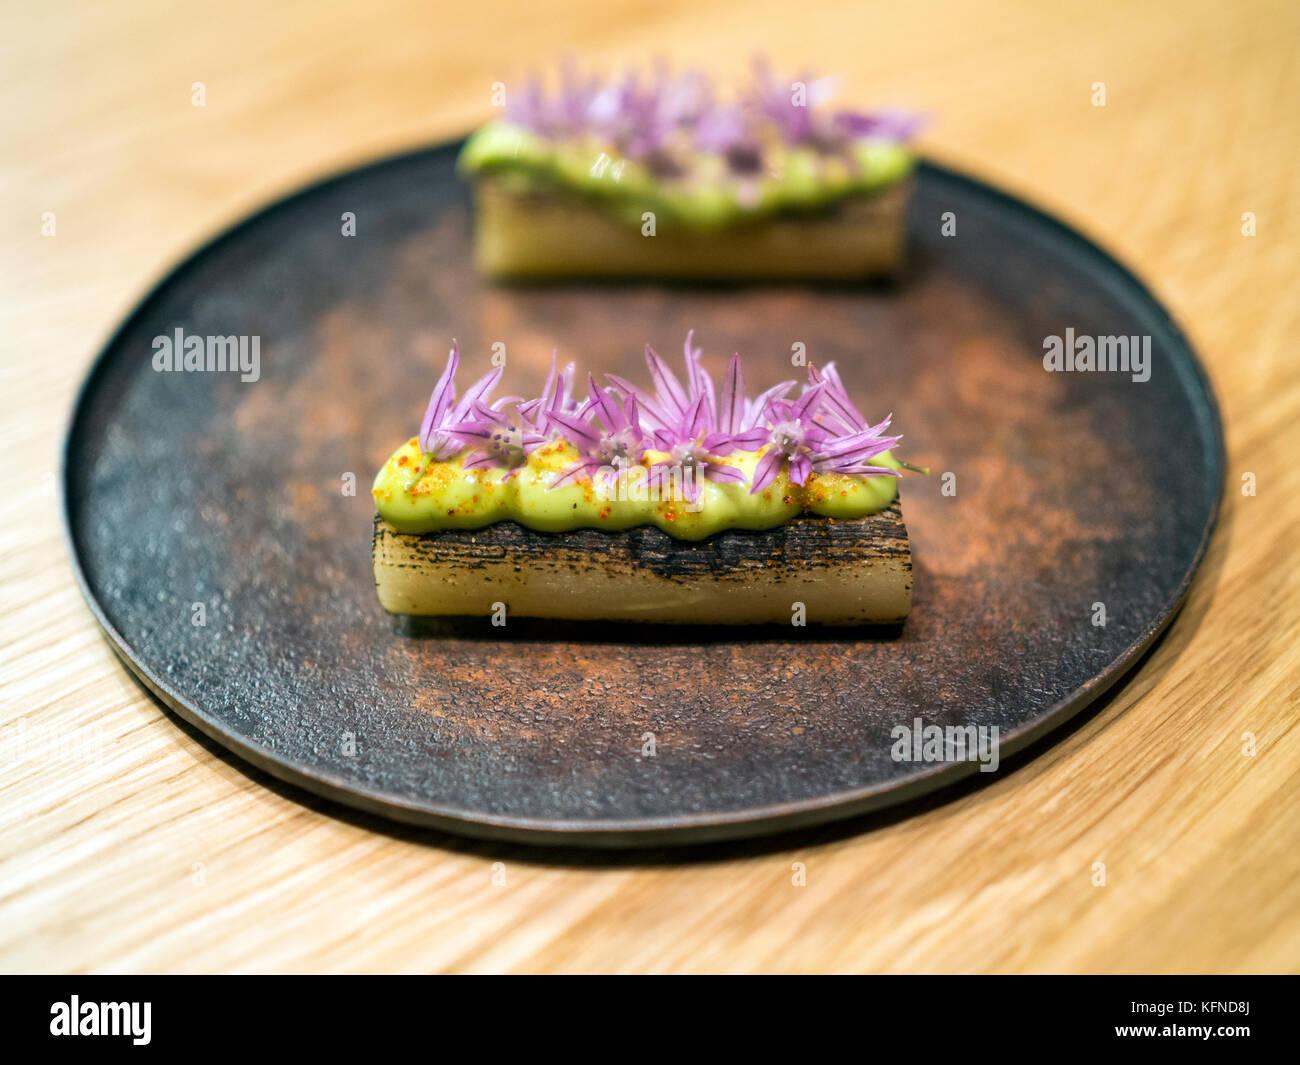 Verkohlte Lauch mit wilden Schnittlauch Blumen gekocht von Pai holmberg von bifångst, zwei Plätze Restaurant Stockbild